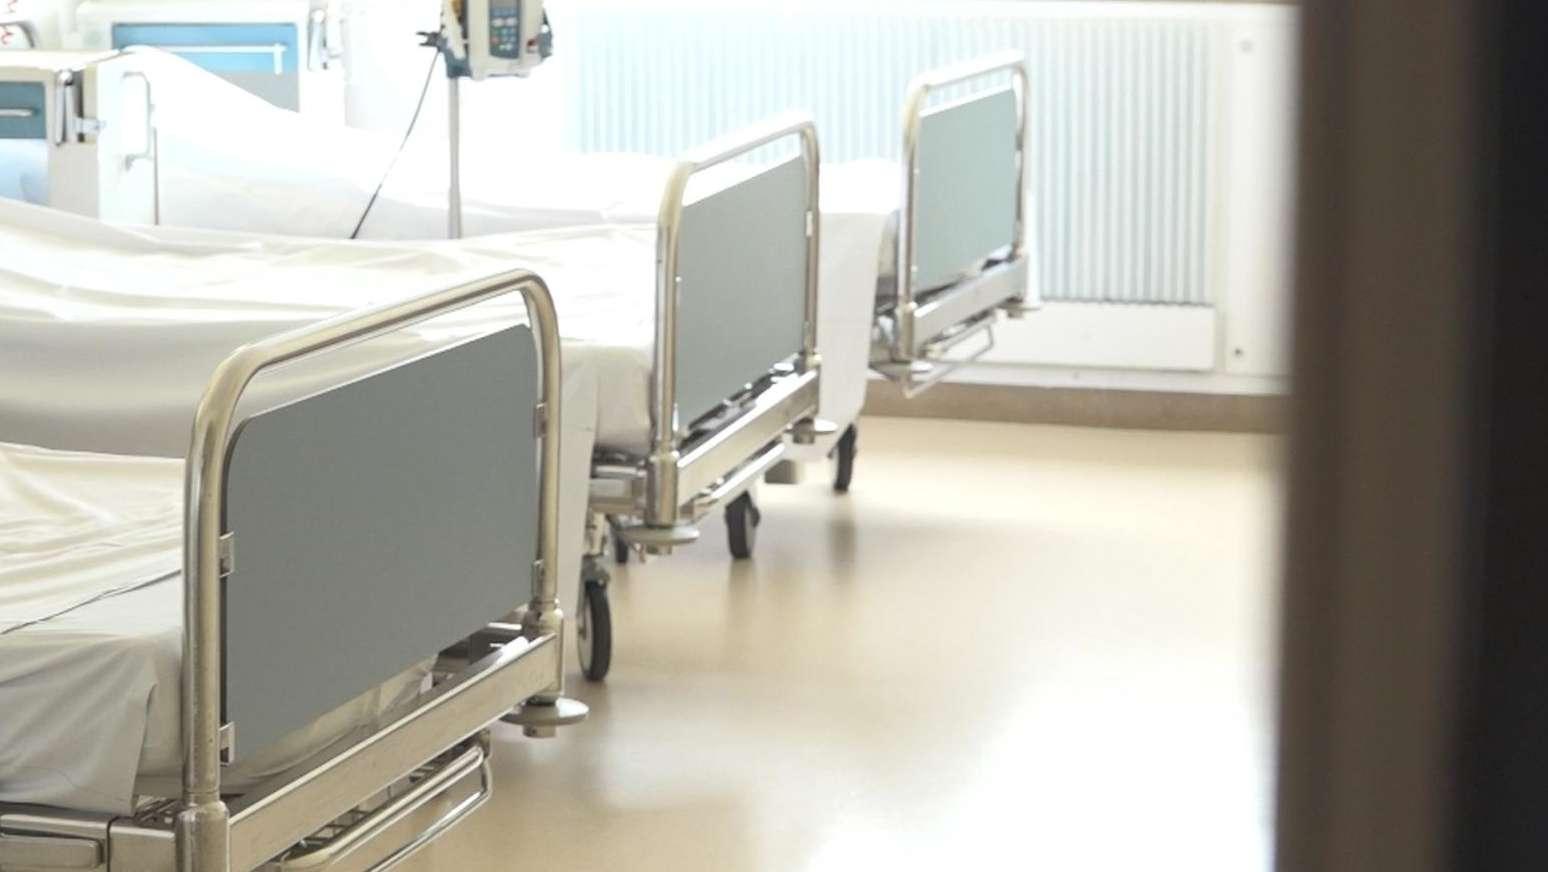 Drei leere Krankenhausbetten